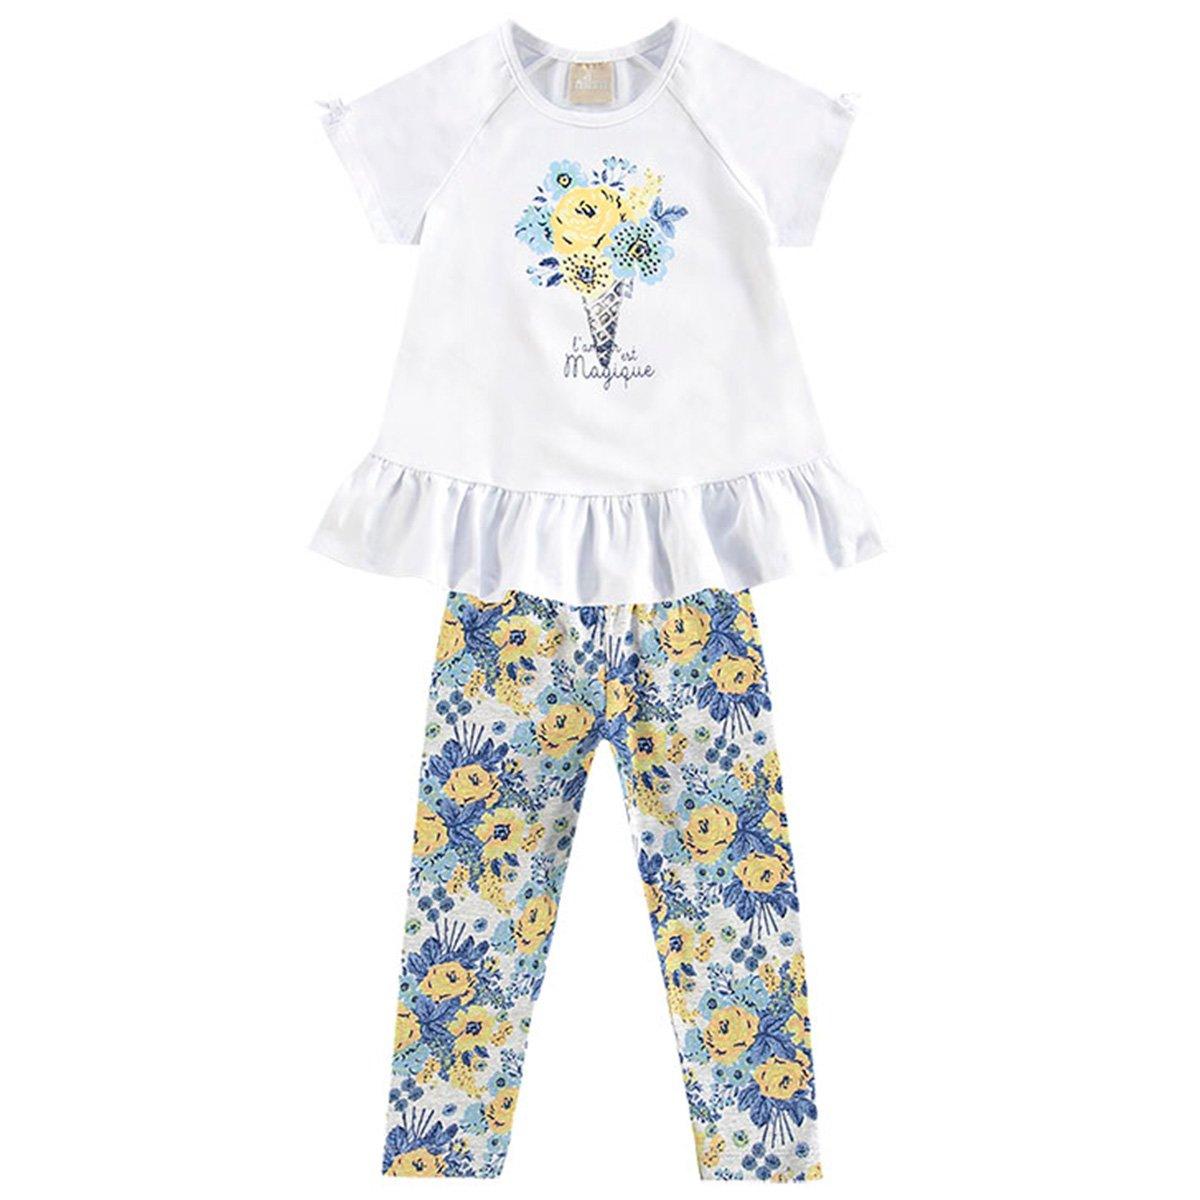 Milon Conjunto Bebê Bebê Floral Estampado Estampado Milon Feminino Branco Conjunto vW44TSg